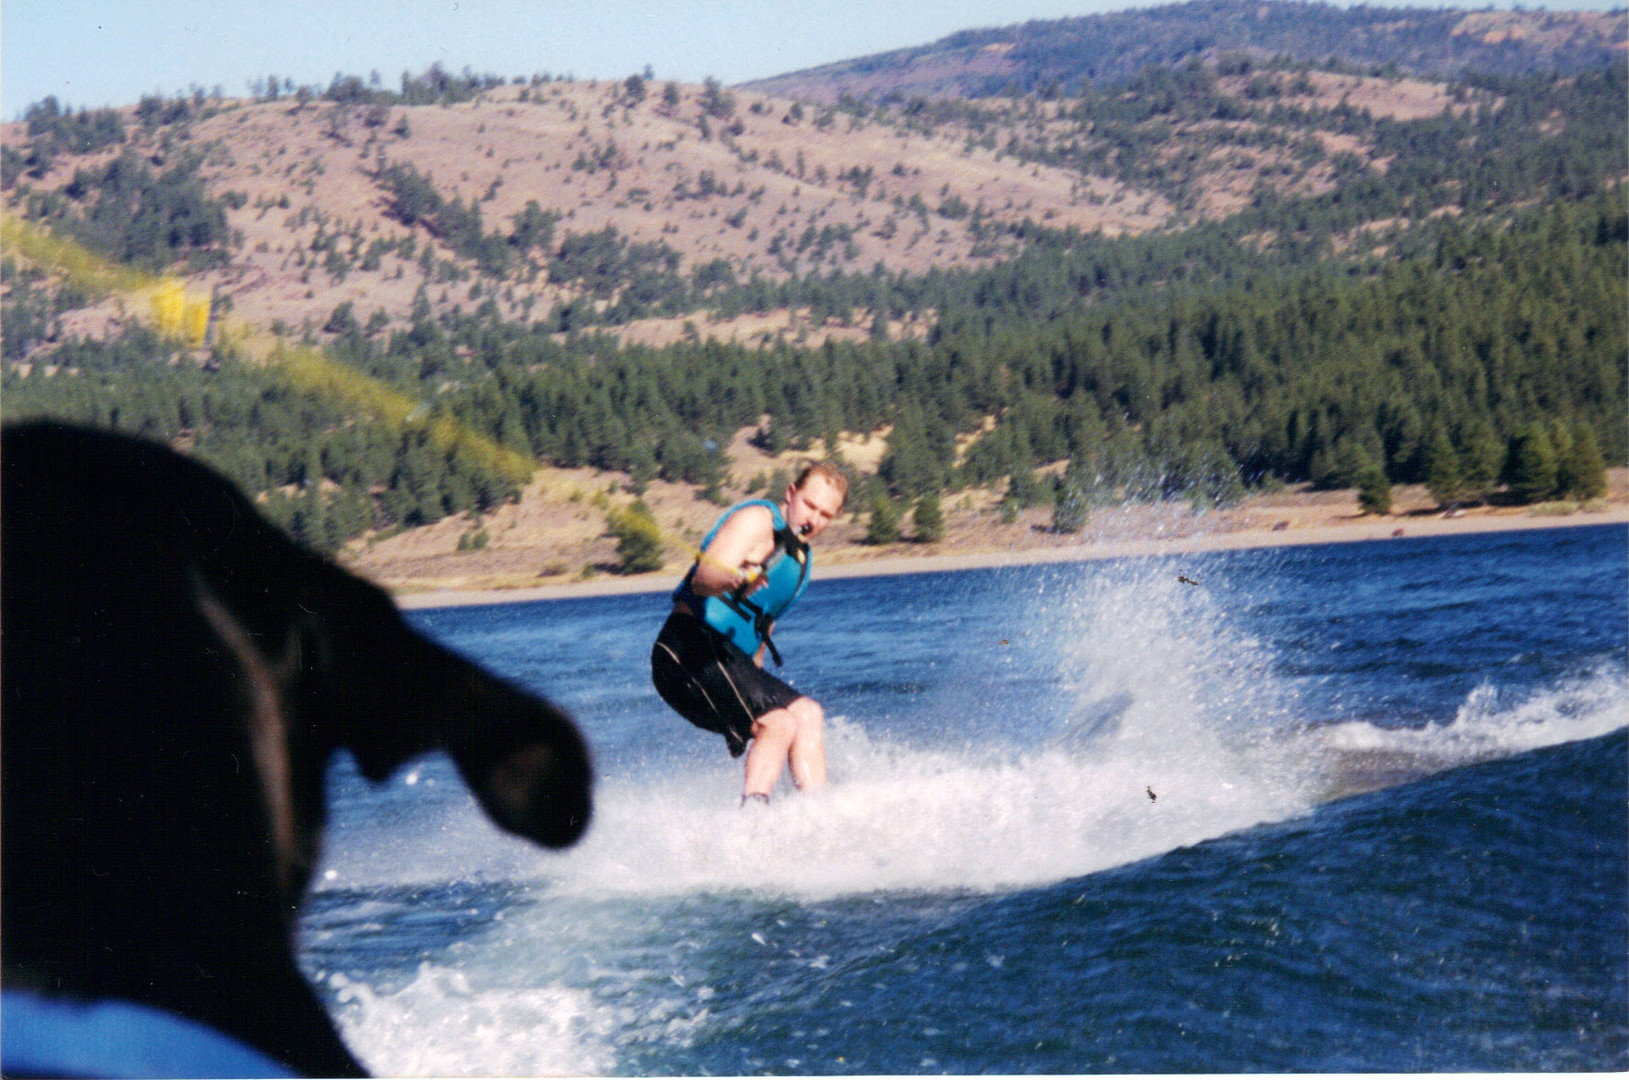 Jeremy WIlken & SB - wakeboarding - appr